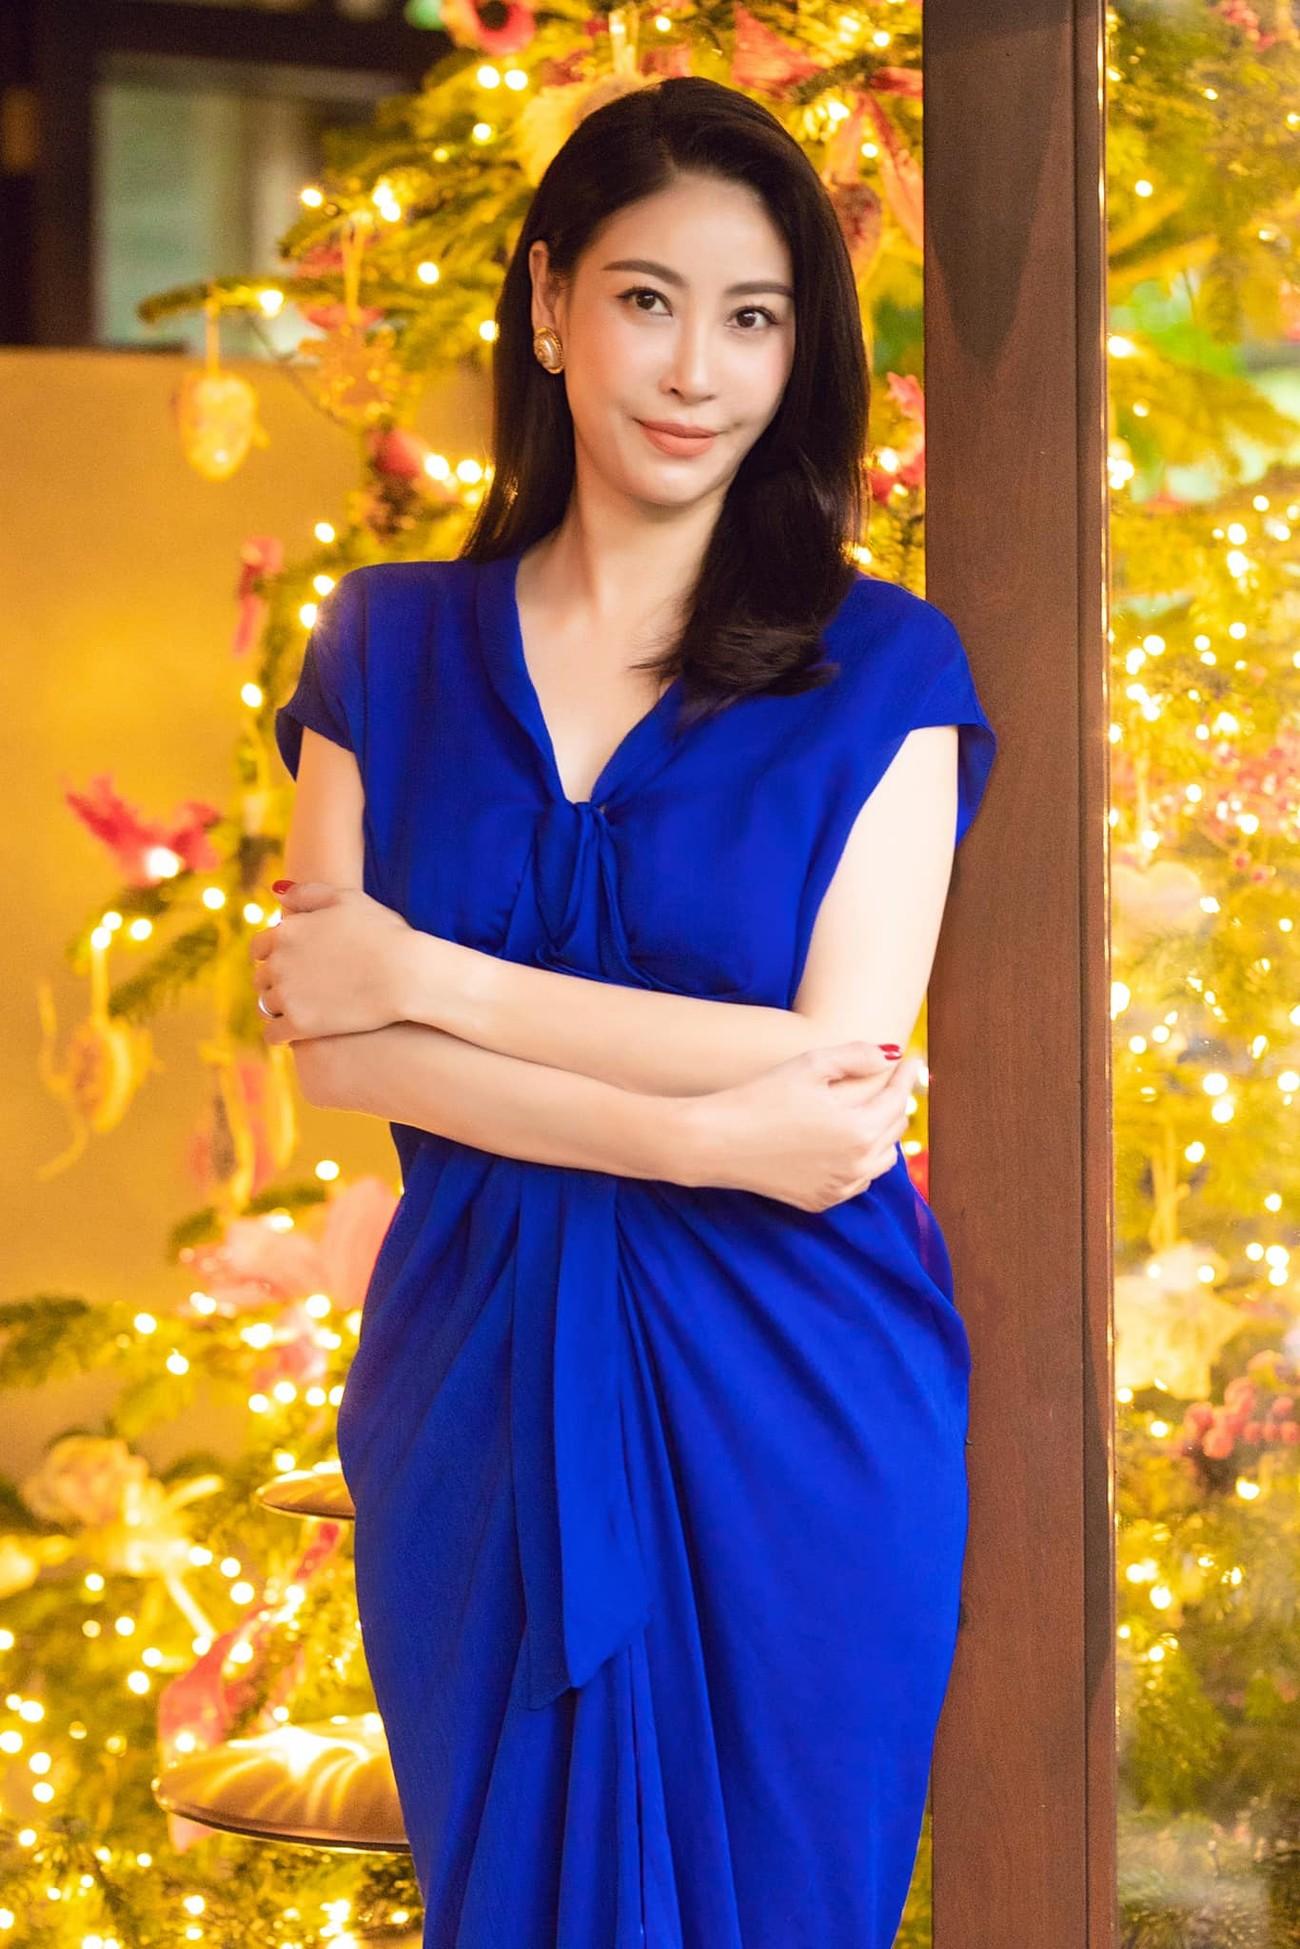 'Đụng hàng' chiếc váy xanh cúp ngực sexy, Hoàng Thuỳ-Minh Tú đẹp 'bất phân thắng bại' ảnh 10